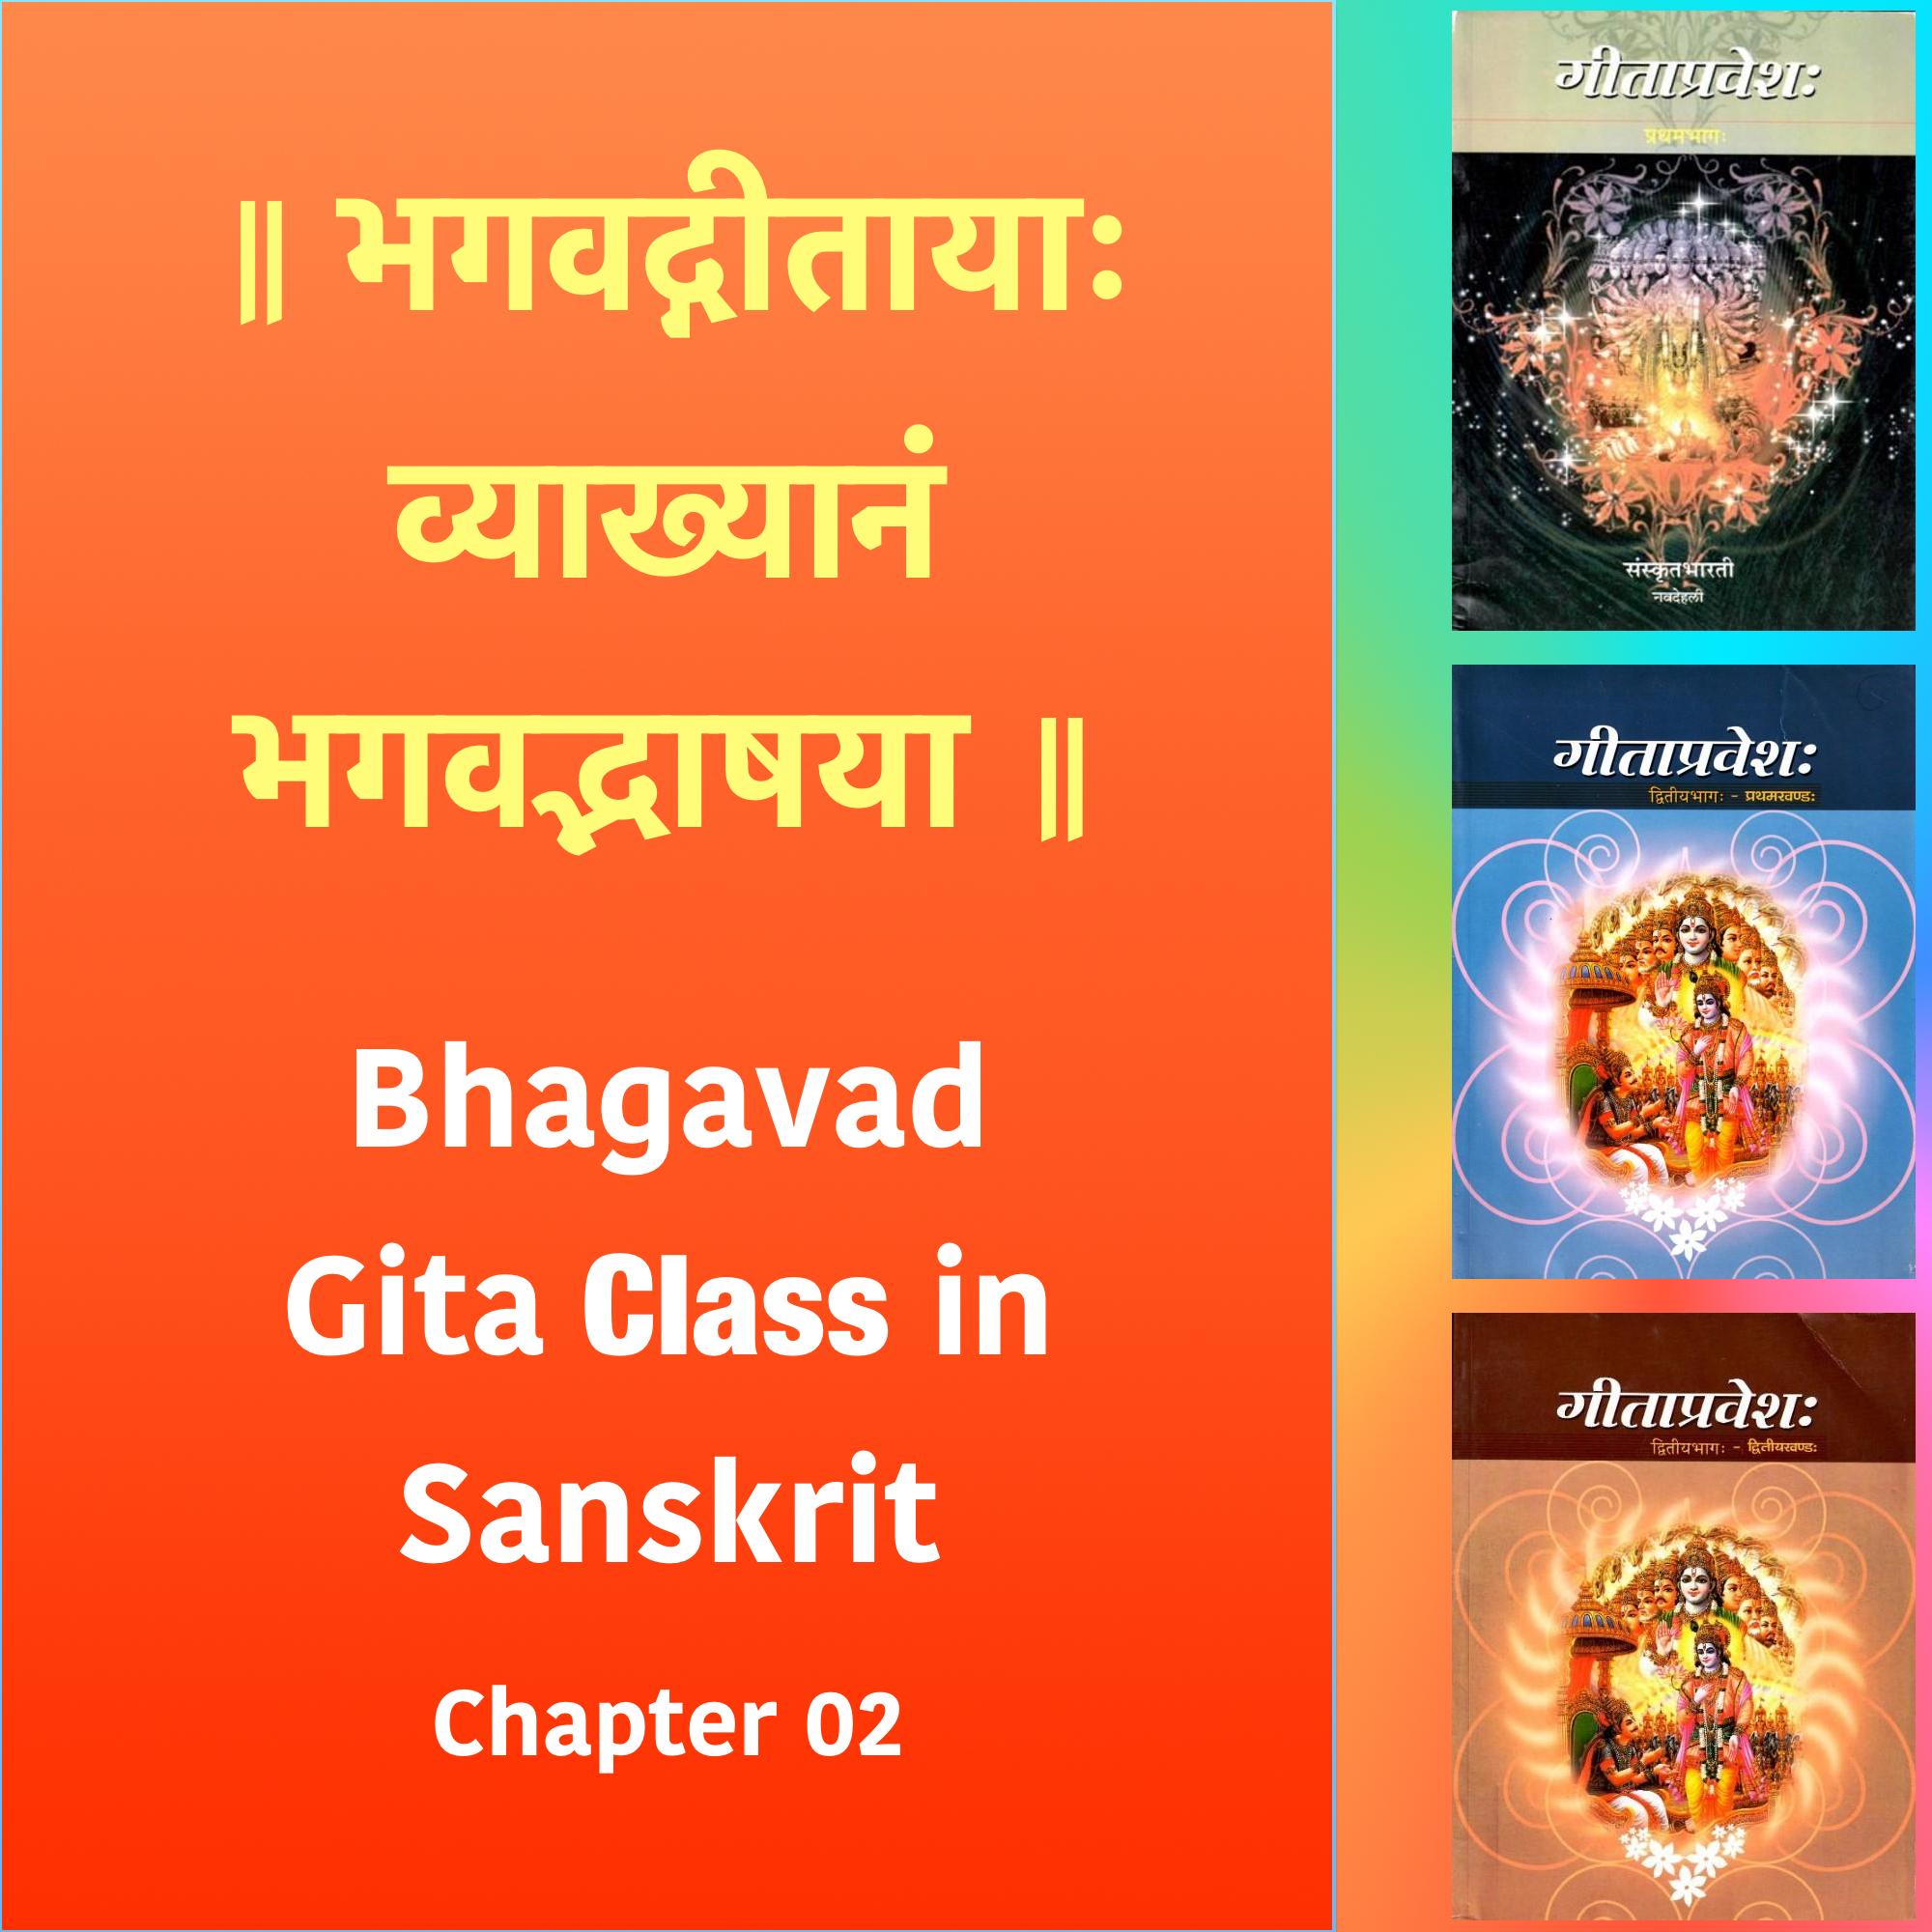 Bhagavad Gita Class (Ch2) in Sanskrit by Dr. K.N. Padmakumar (Samskrita Bharati)